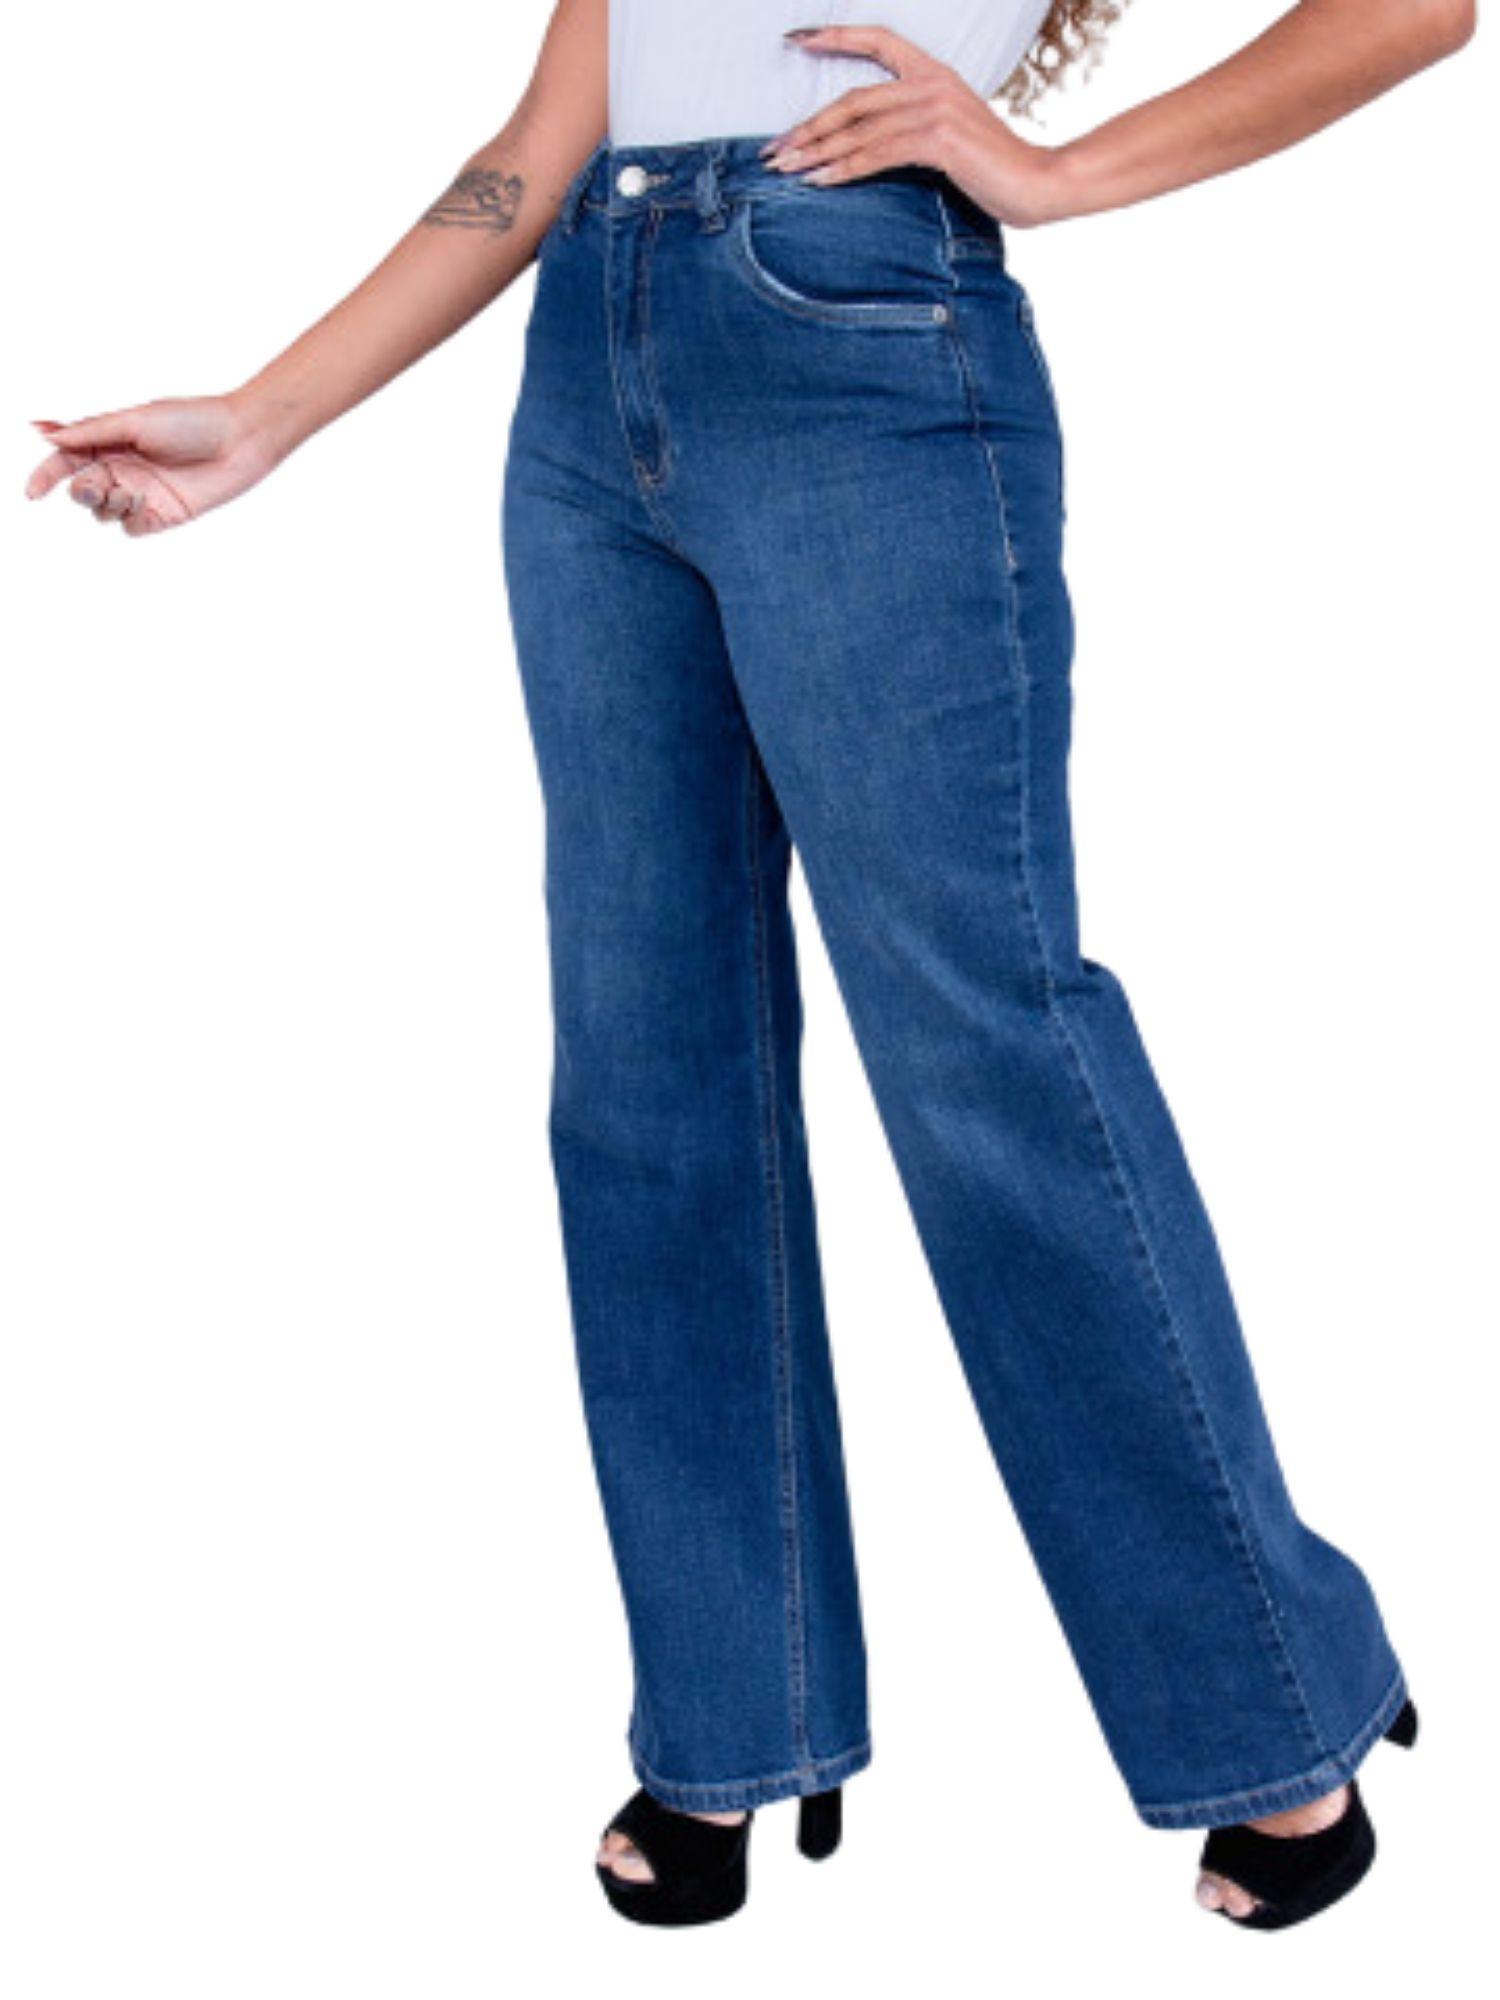 Calça Feminina Jeans Wide Revanche  29920